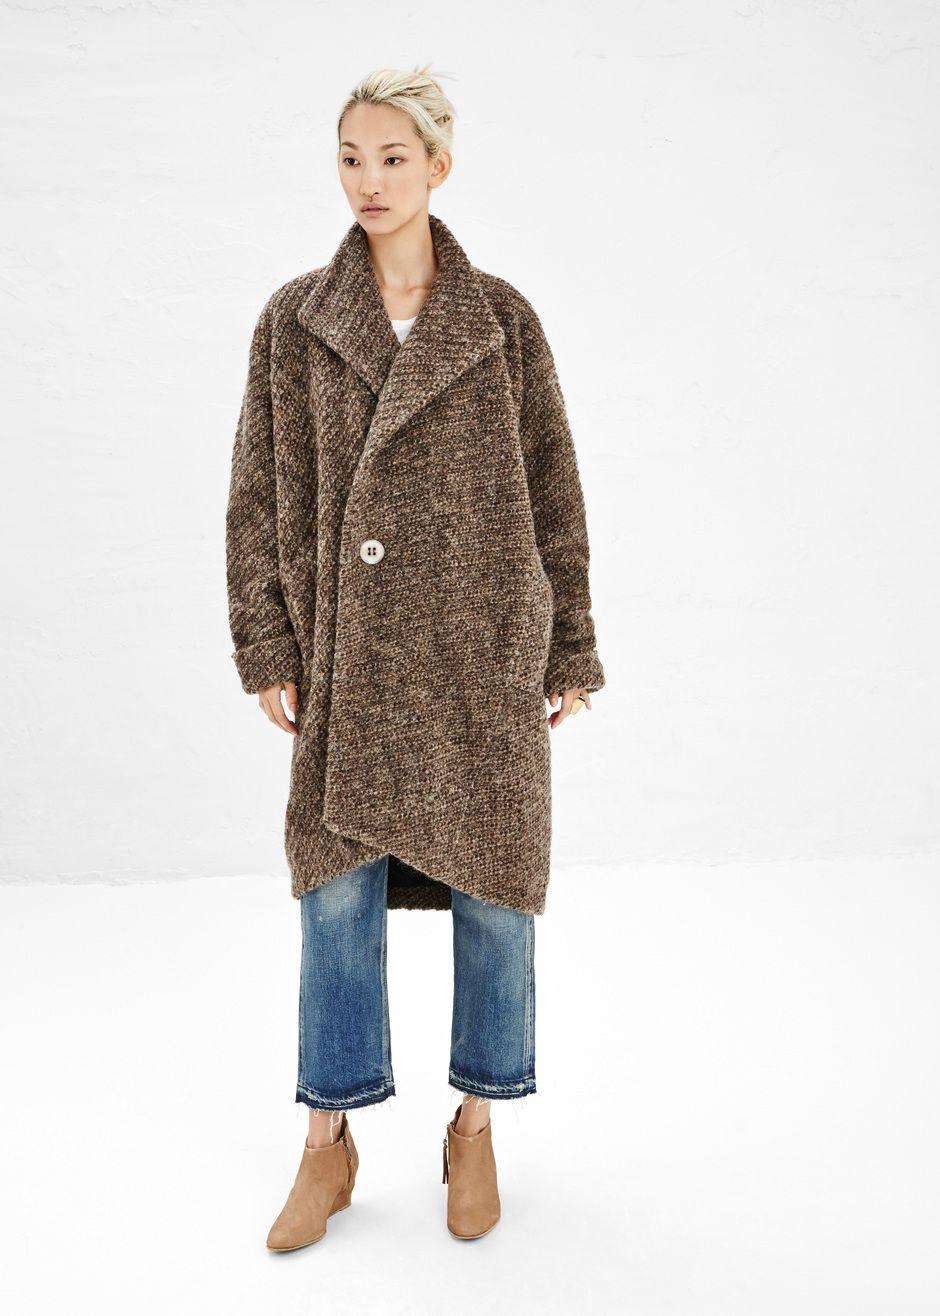 Boessert Schorn Oversized Coat in Brown Melange #totokaelo #boessertschorn